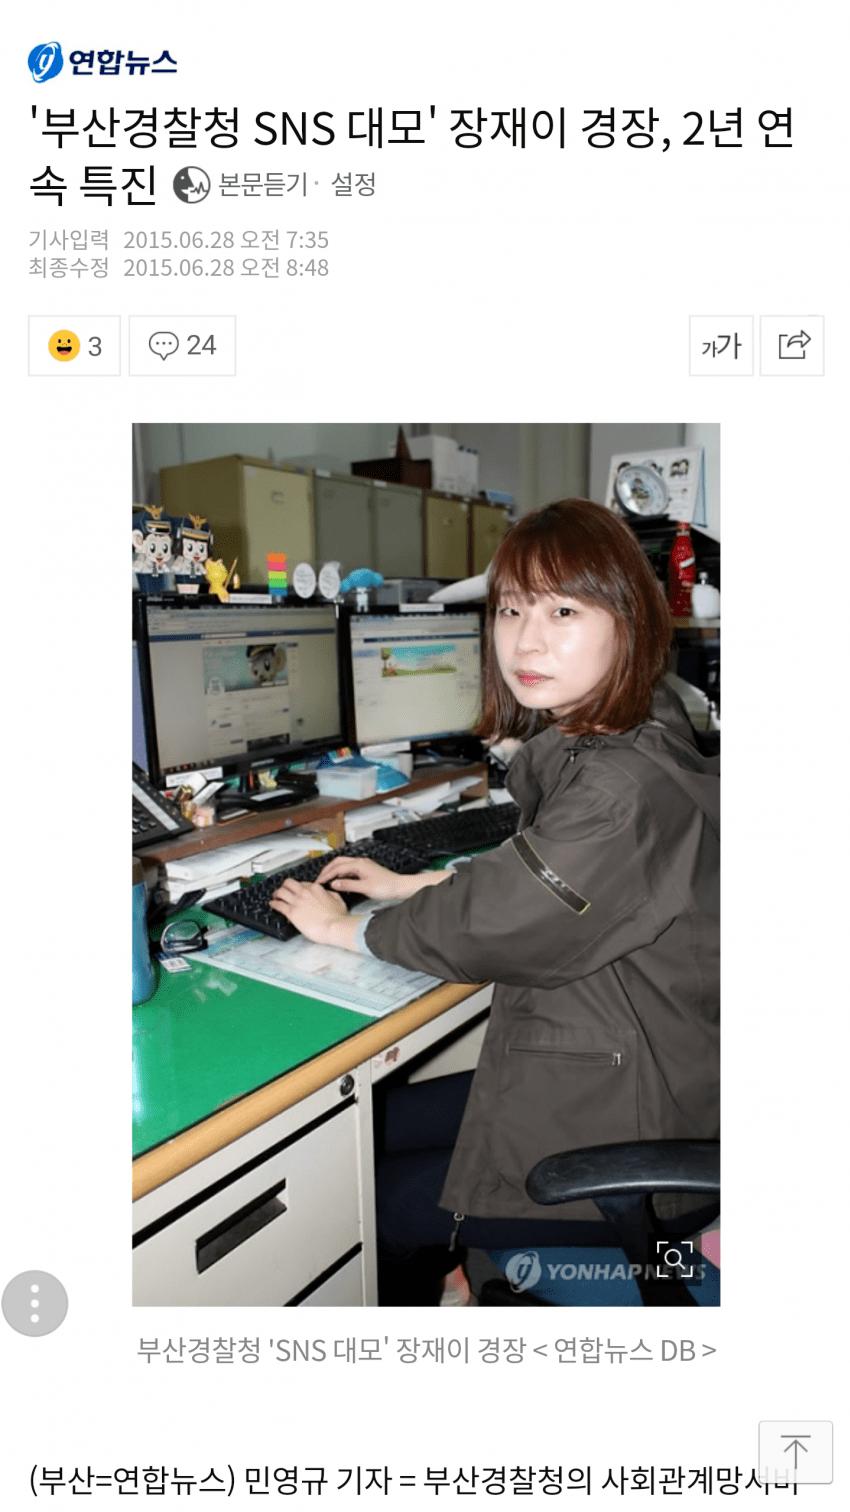 1504576054.png 부산경찰 레전드... 2년 연속 특진  ㄷㄷㄷㄷㄷㄷ